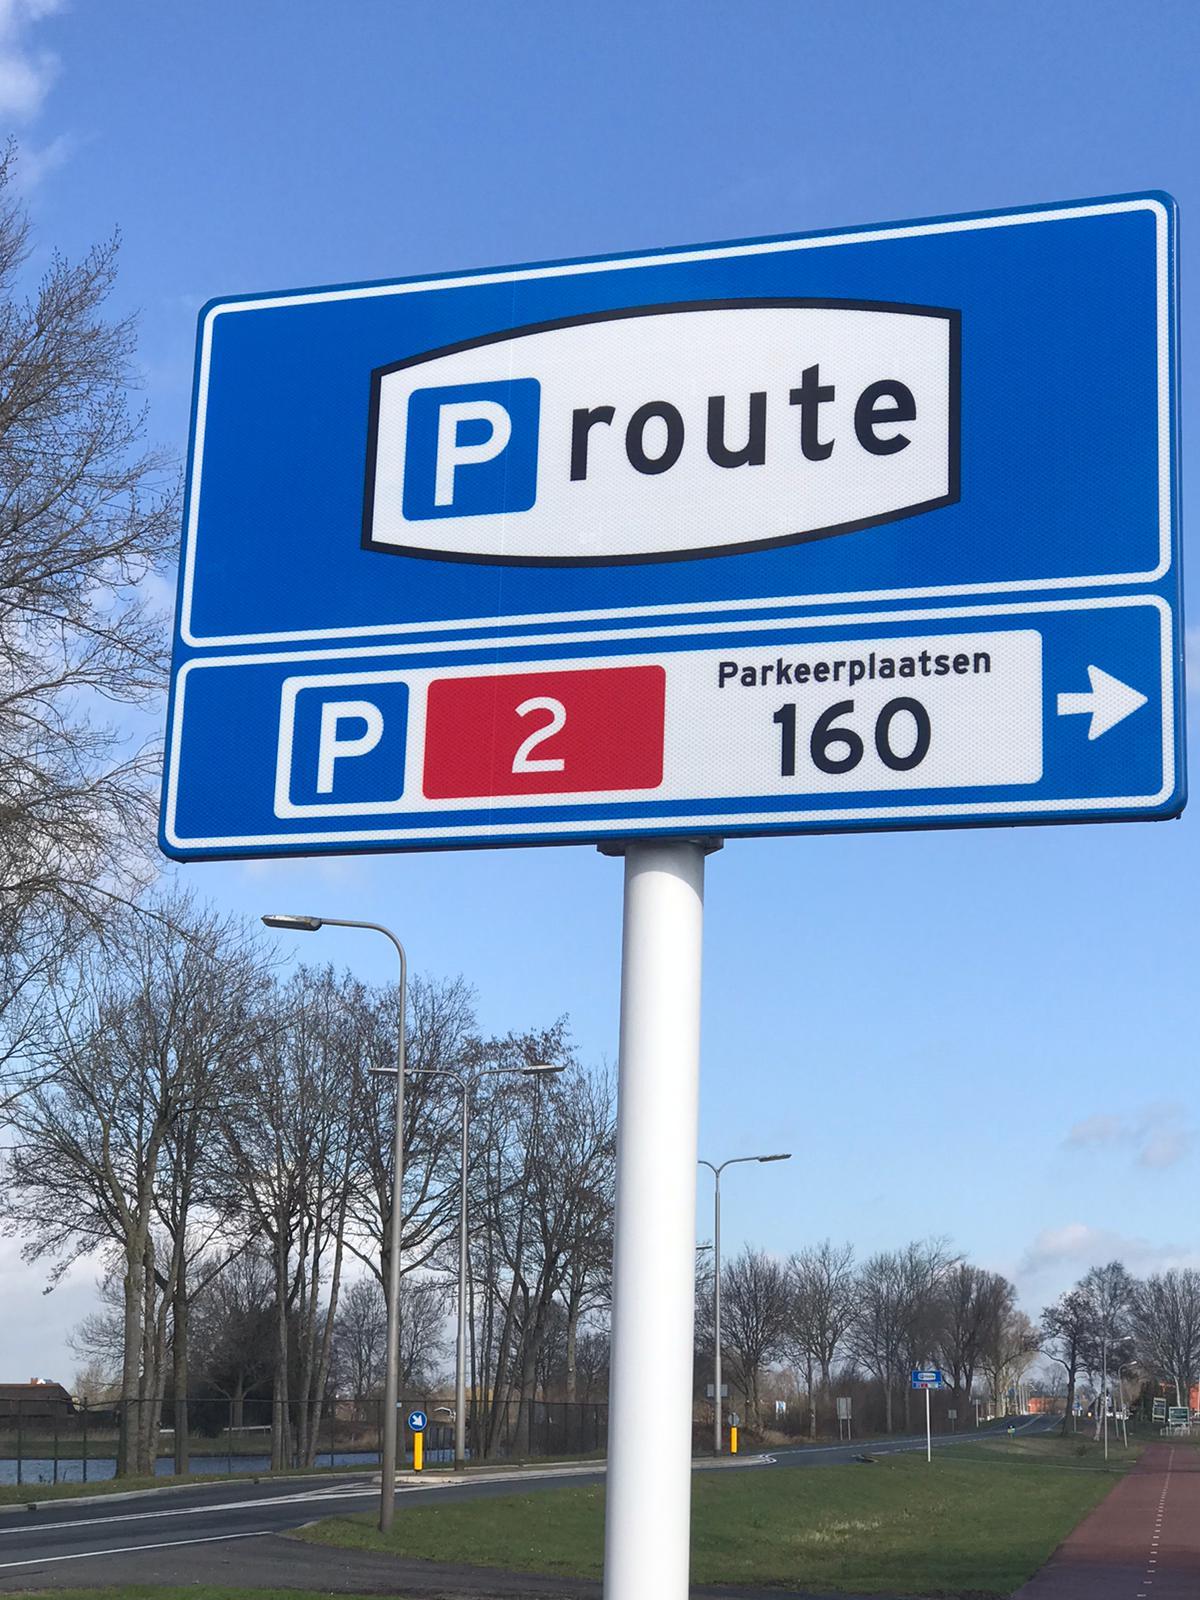 Parking in Giethoorn 5